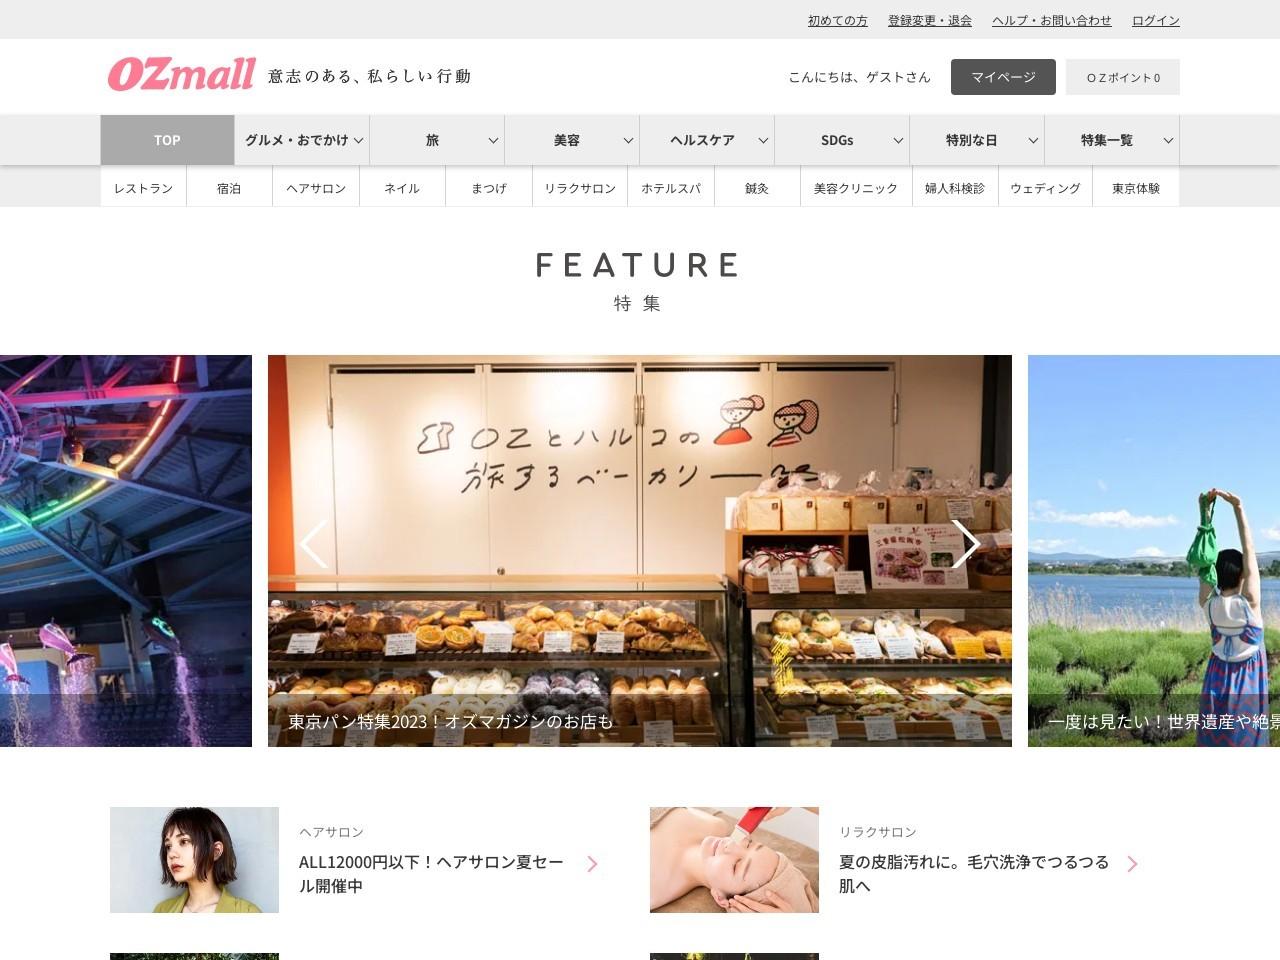 プロポーズを憧れレストランで<OZのディナー予約> - OZmall